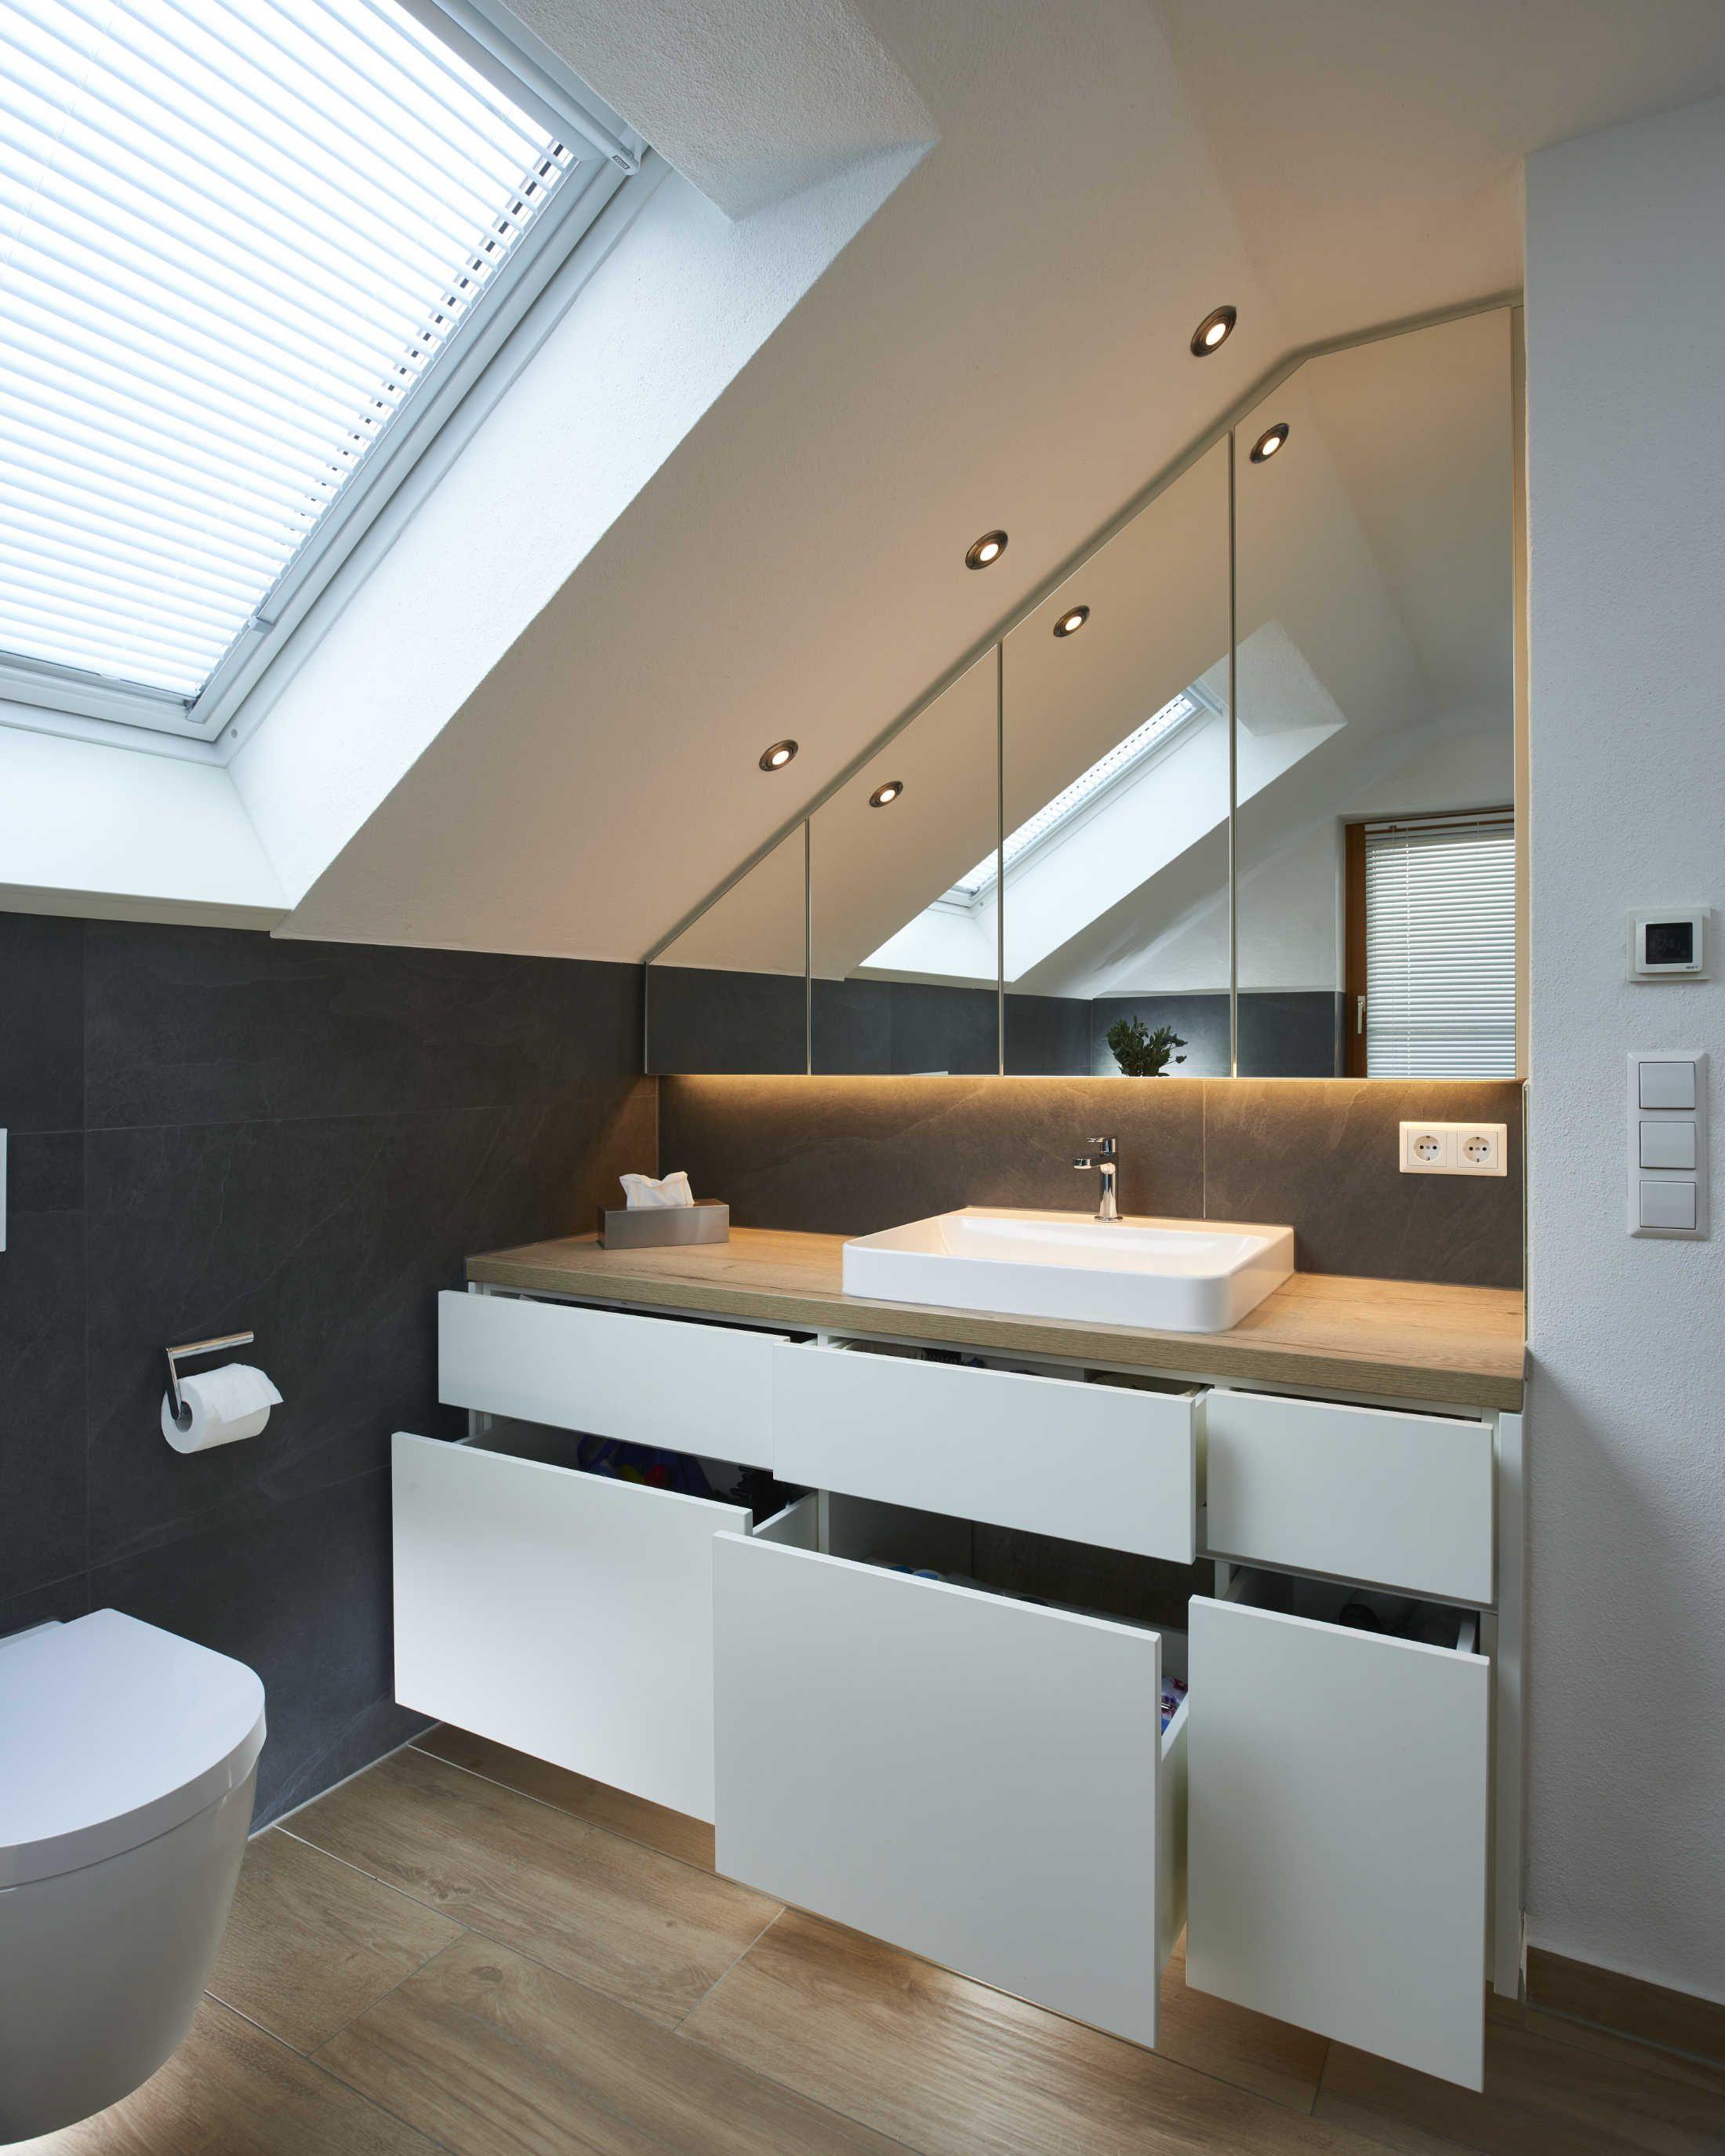 Diese Badezimmerplanung stammt komplett aus dem Hause Bühler. Ein Bilder